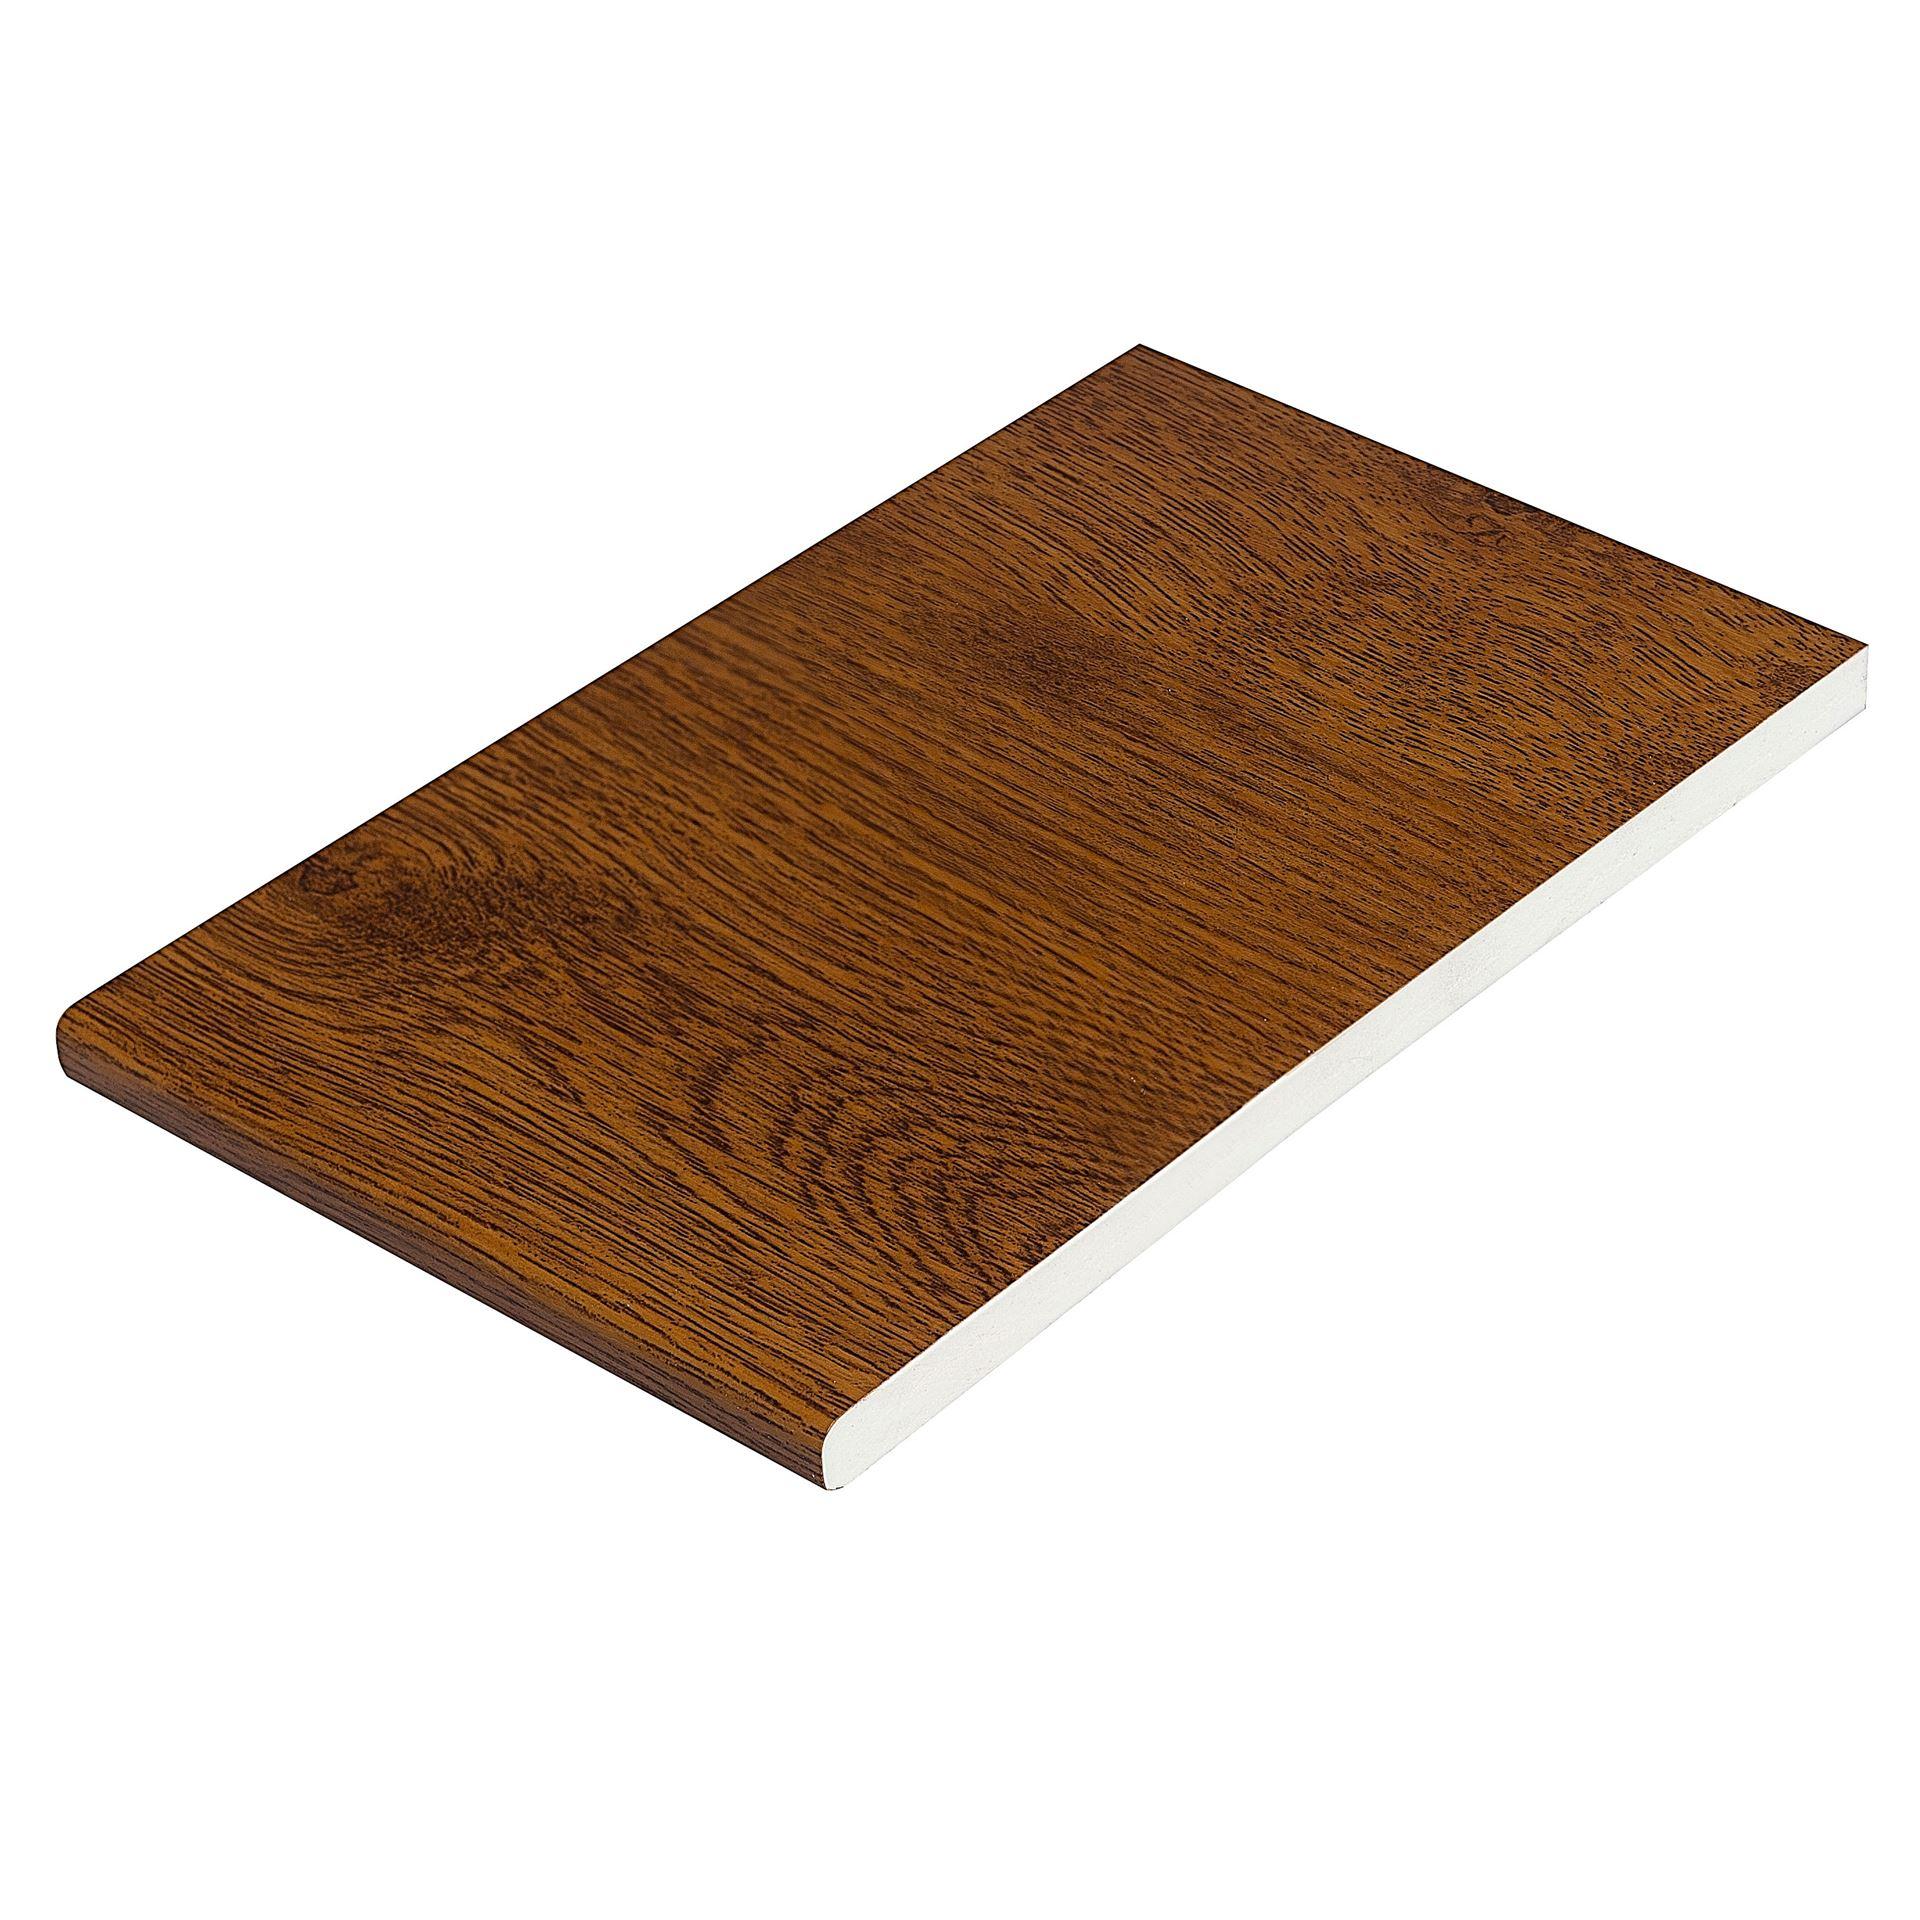 Light Oak Flat Board